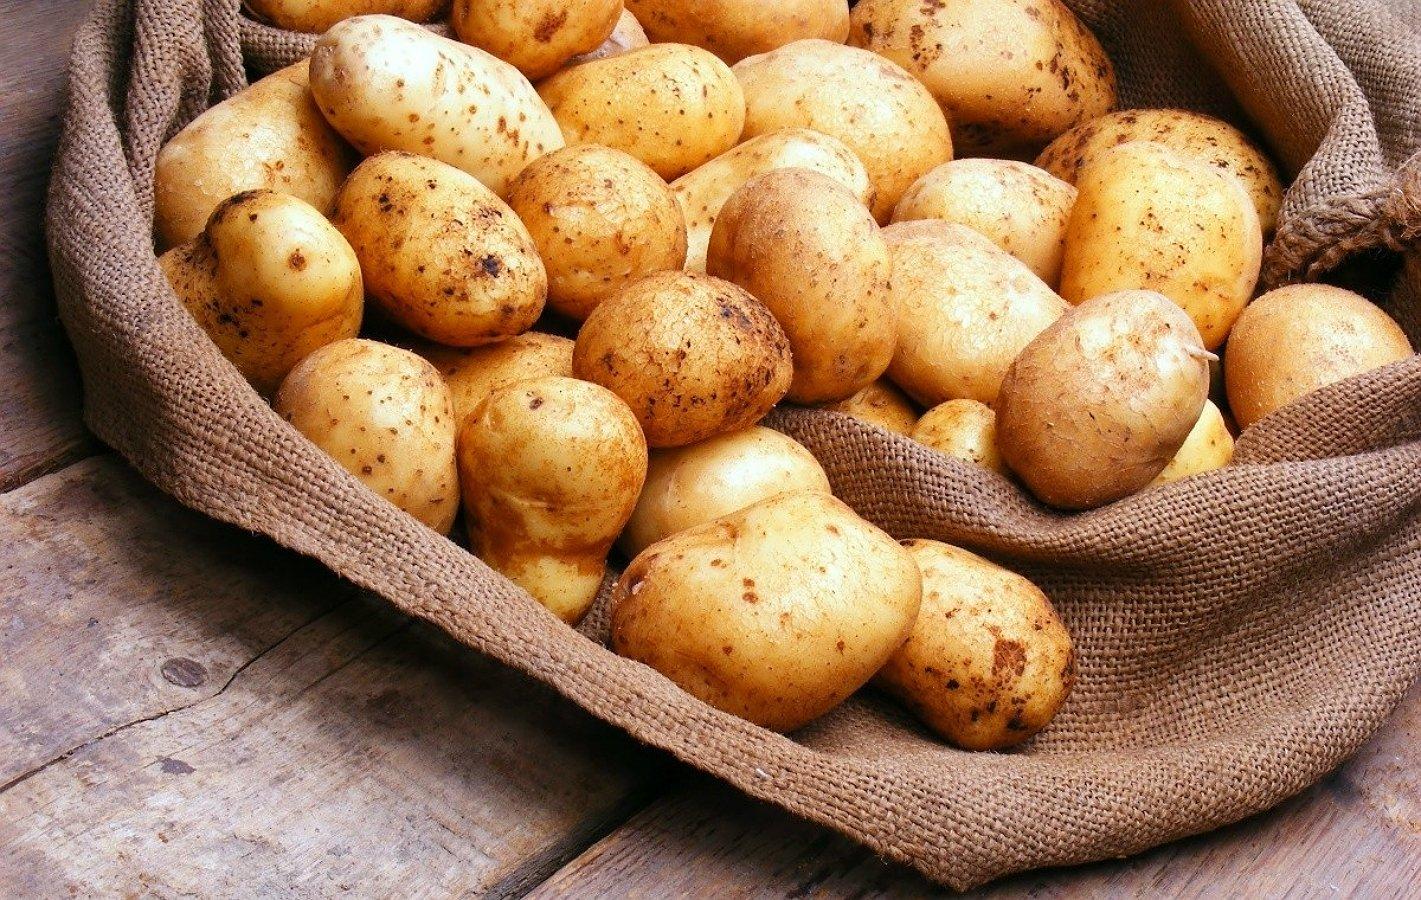 К чему снится картошка? Сонник картошка, толкование